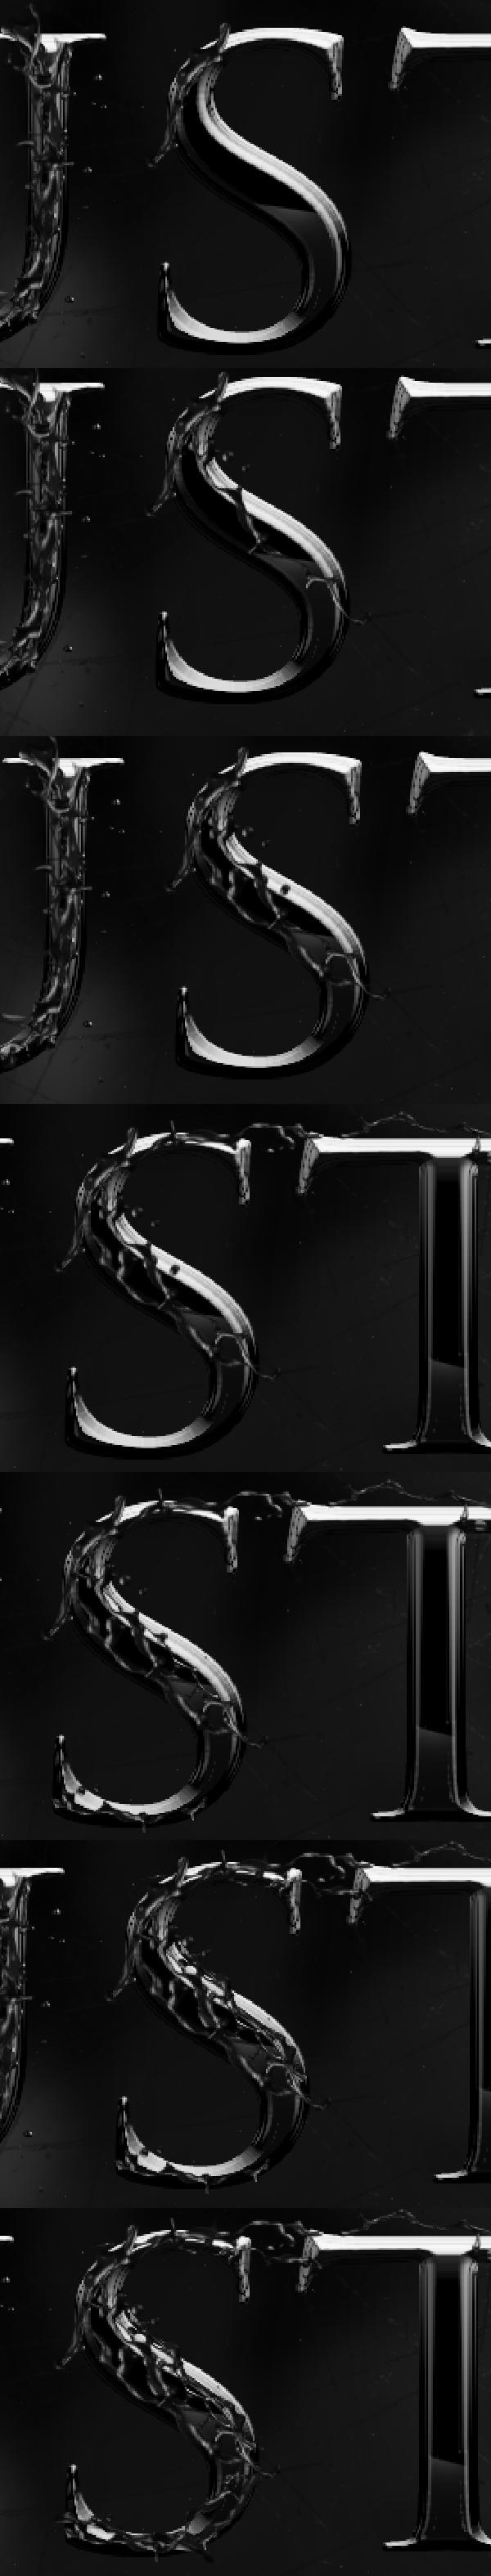 17 Tạo chữ với phương pháp ghép hình